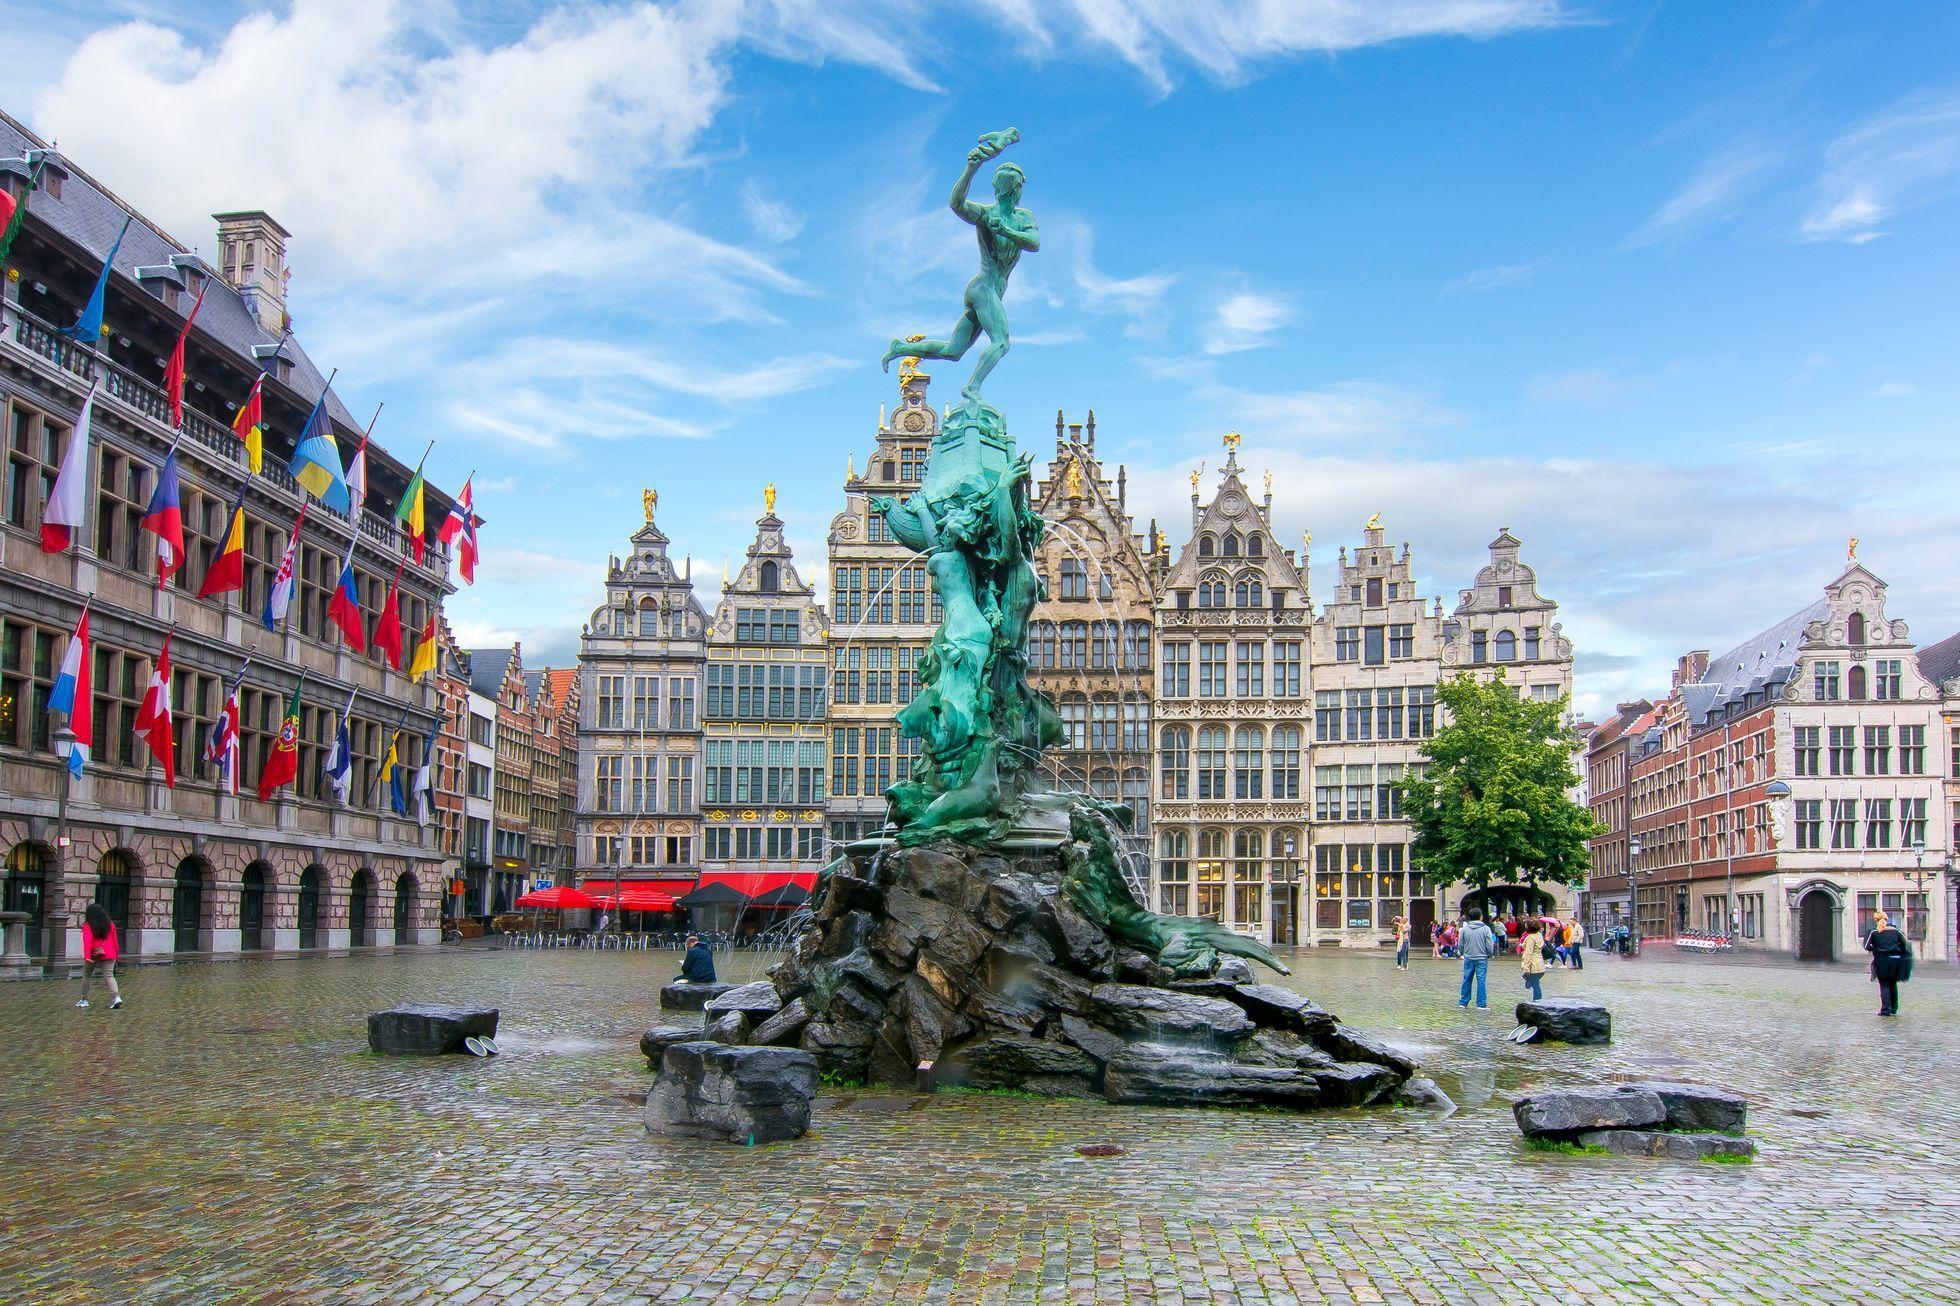 Zamořené Antverpy. Belgické město ohrožuje utajovaná havárie, která otrávila půdu